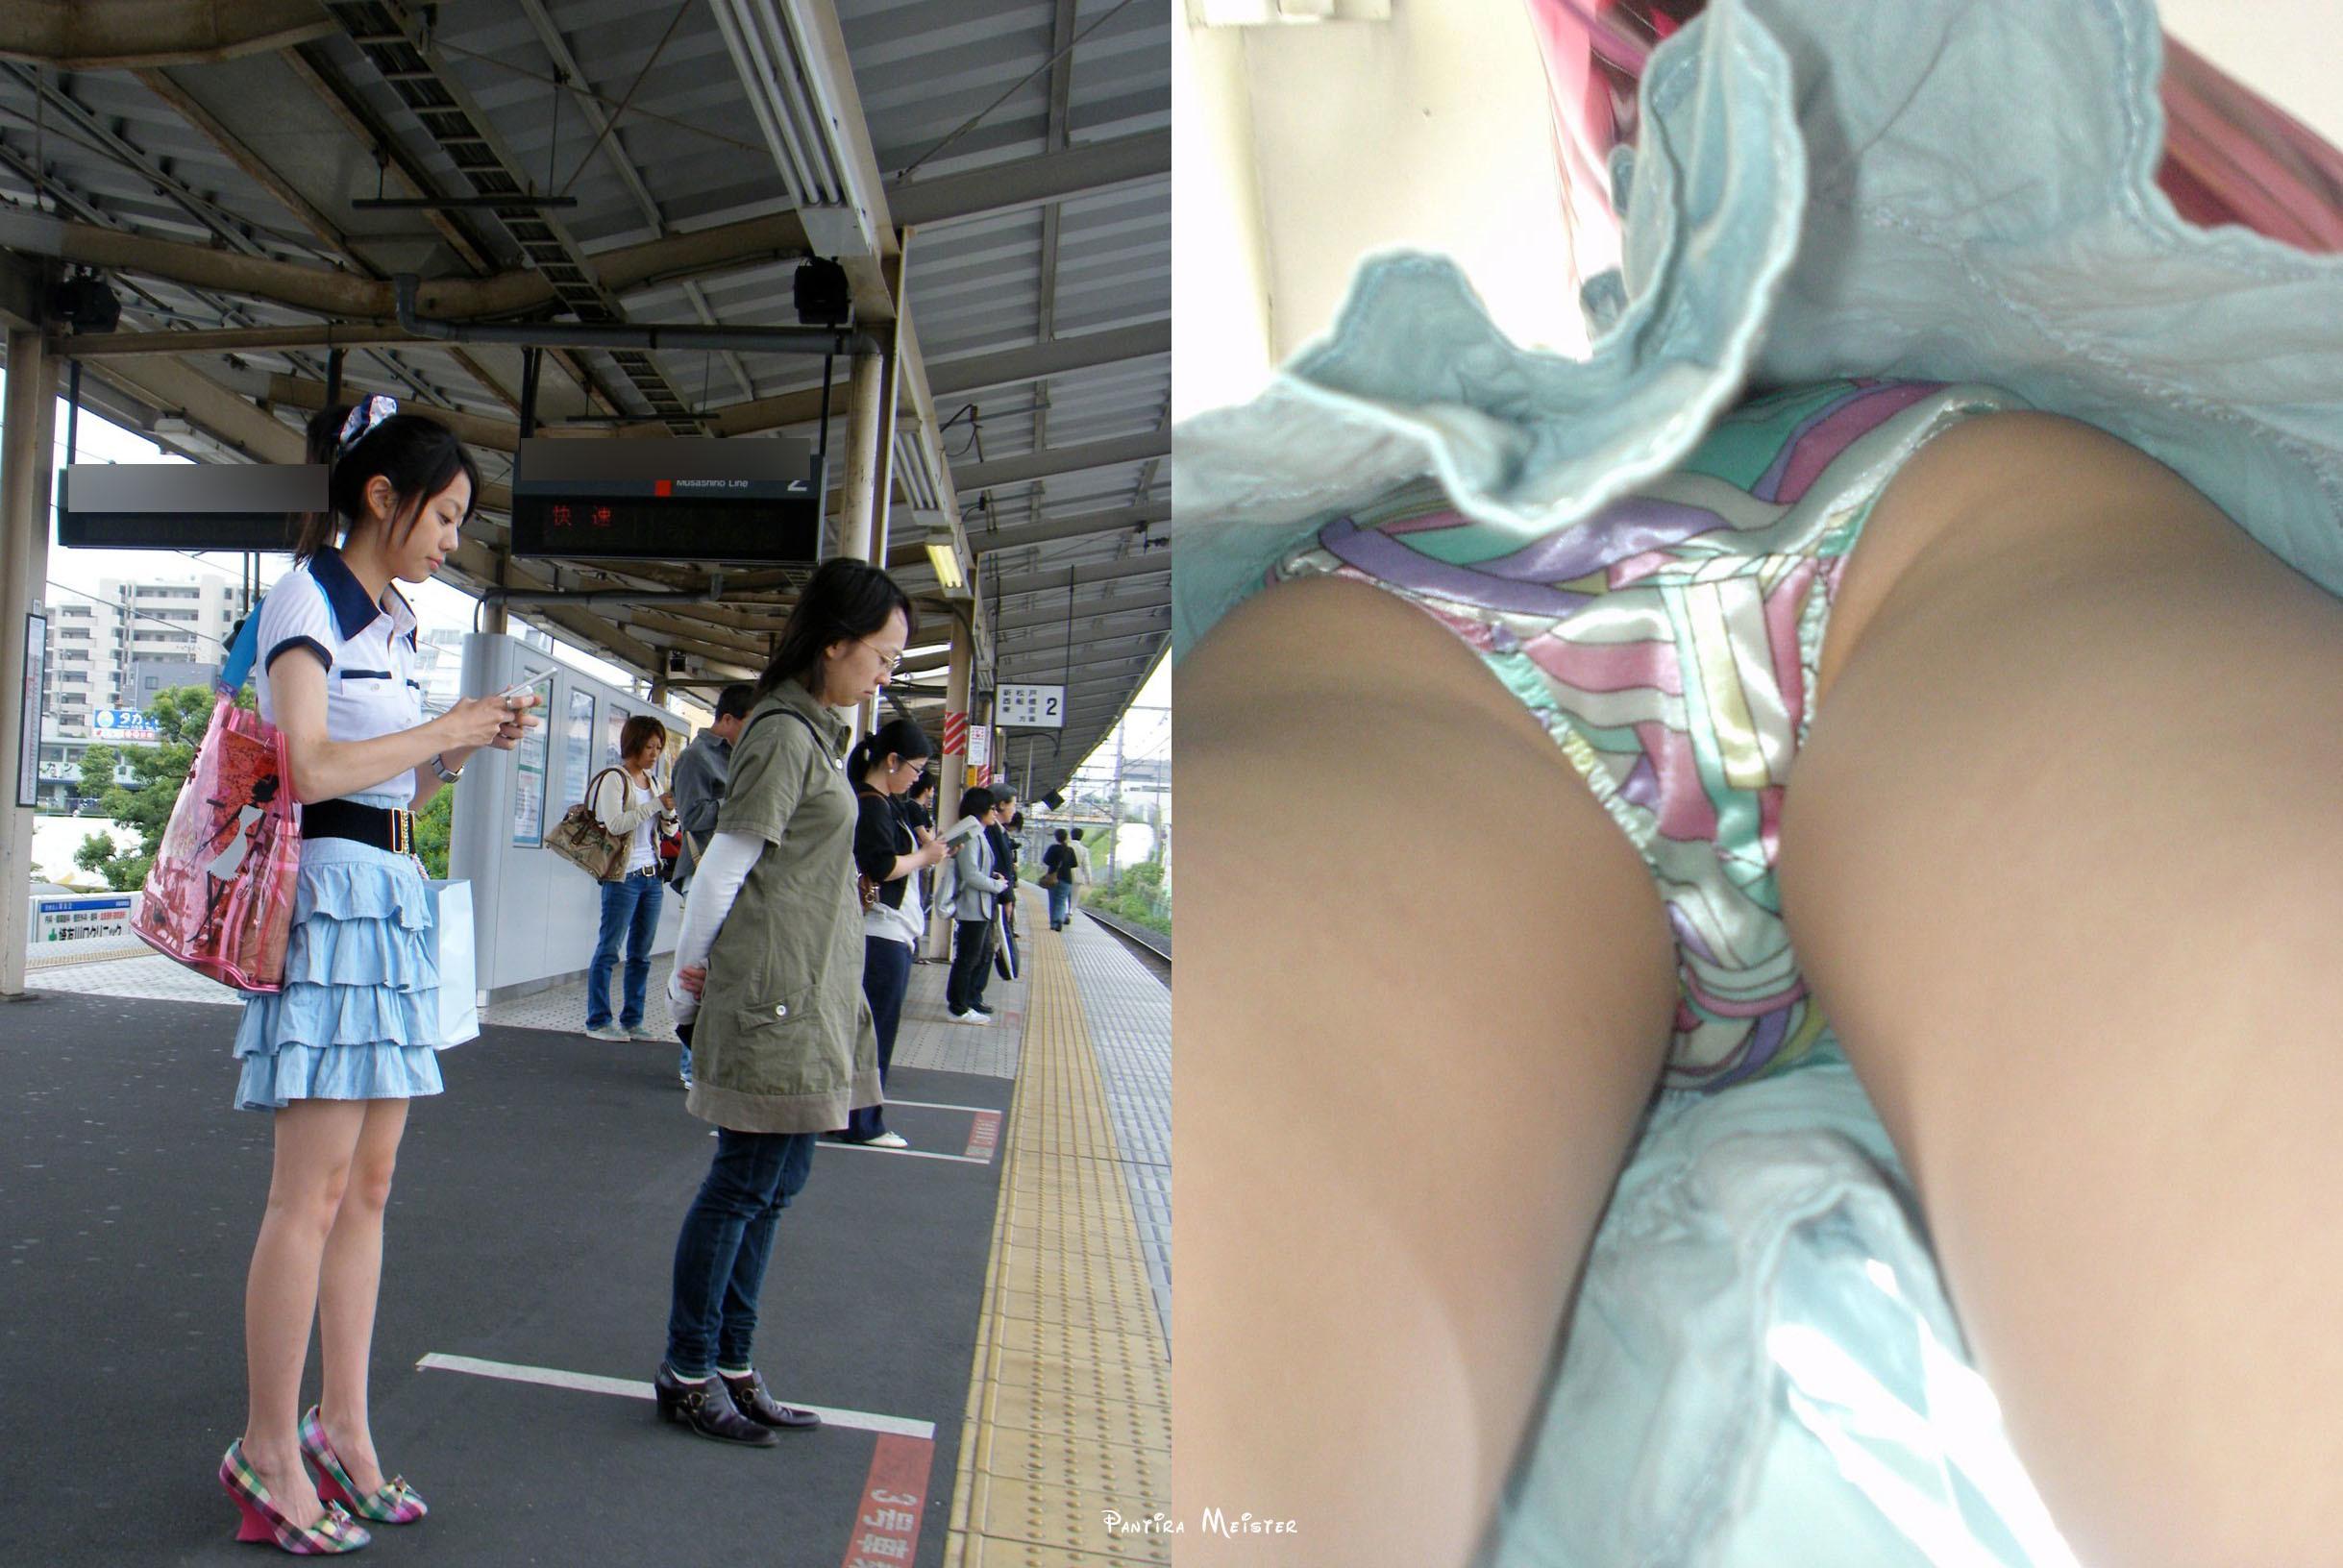 (逆さ撮り)ツルツルのサテン系パンツを履いたシロウトさんのパンツ丸見えを収録したえろ写真